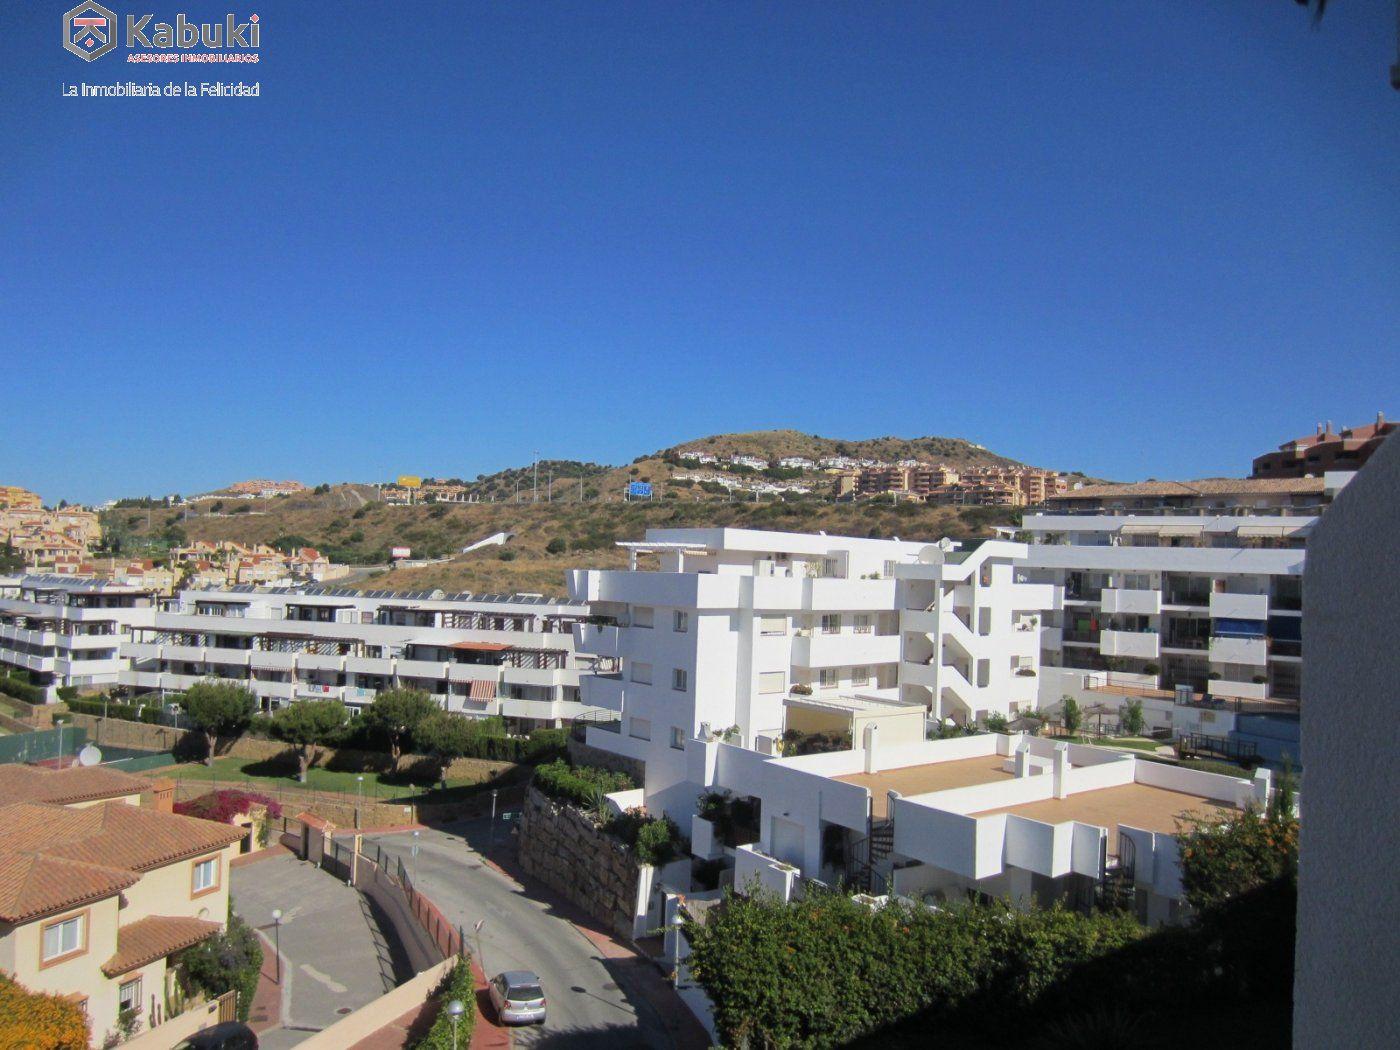 Coqueto apartamento en mijas, a un paso del mar. en urbanización con piscina. - imagenInmueble3